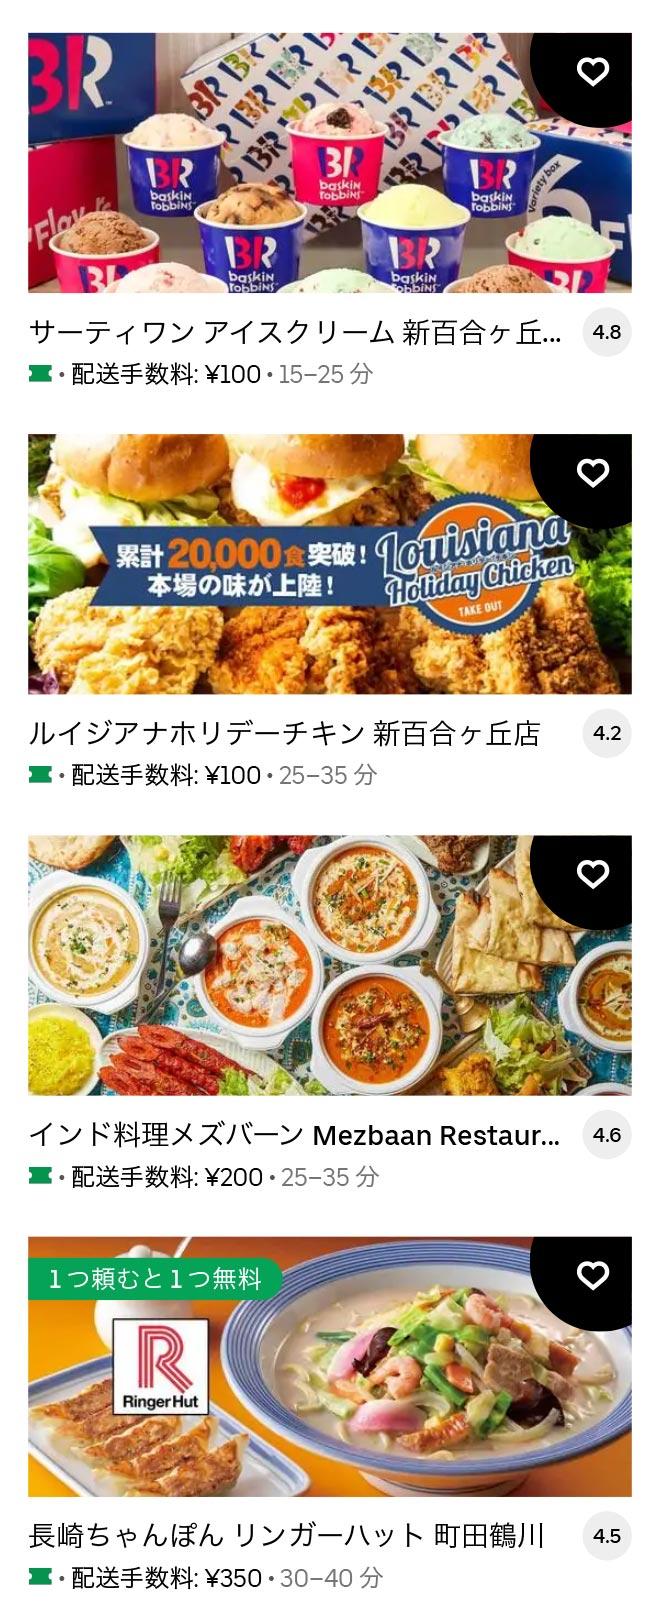 1 u shin yurigaoka 2105 10